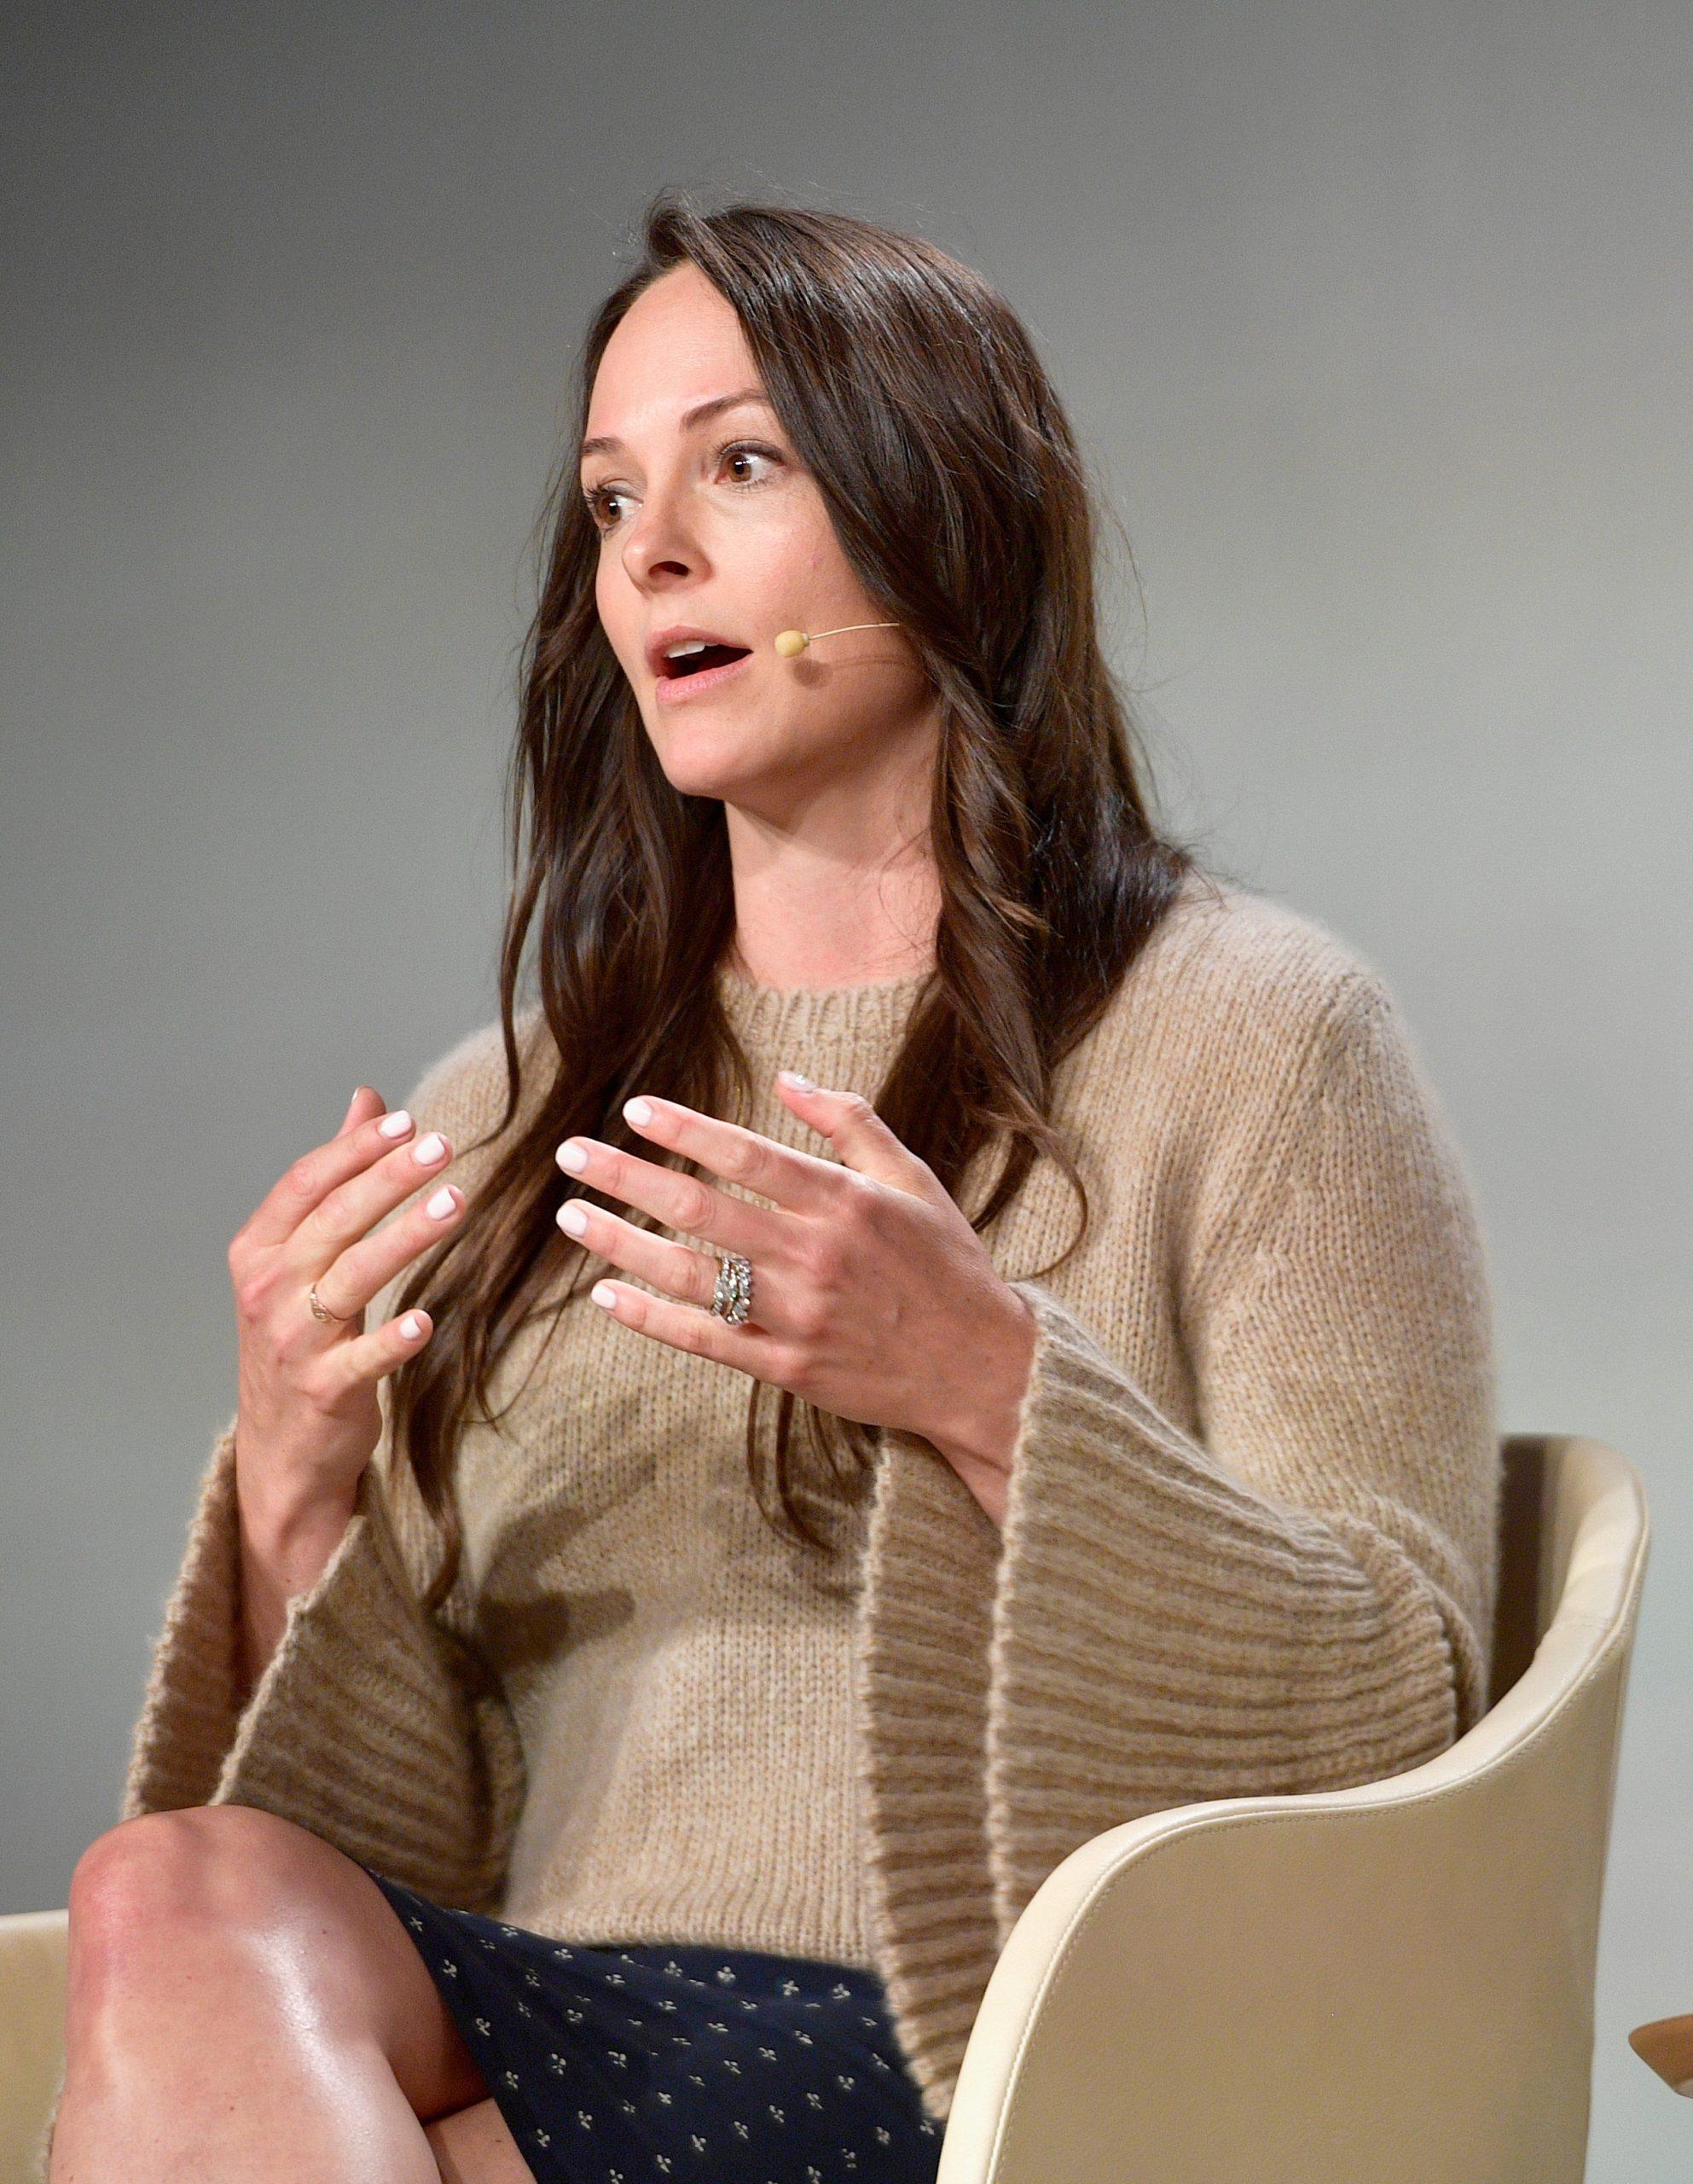 En la imagen, la nutricionista Kelly Leveque ofrece una conferencia. /Foto: Getty Images